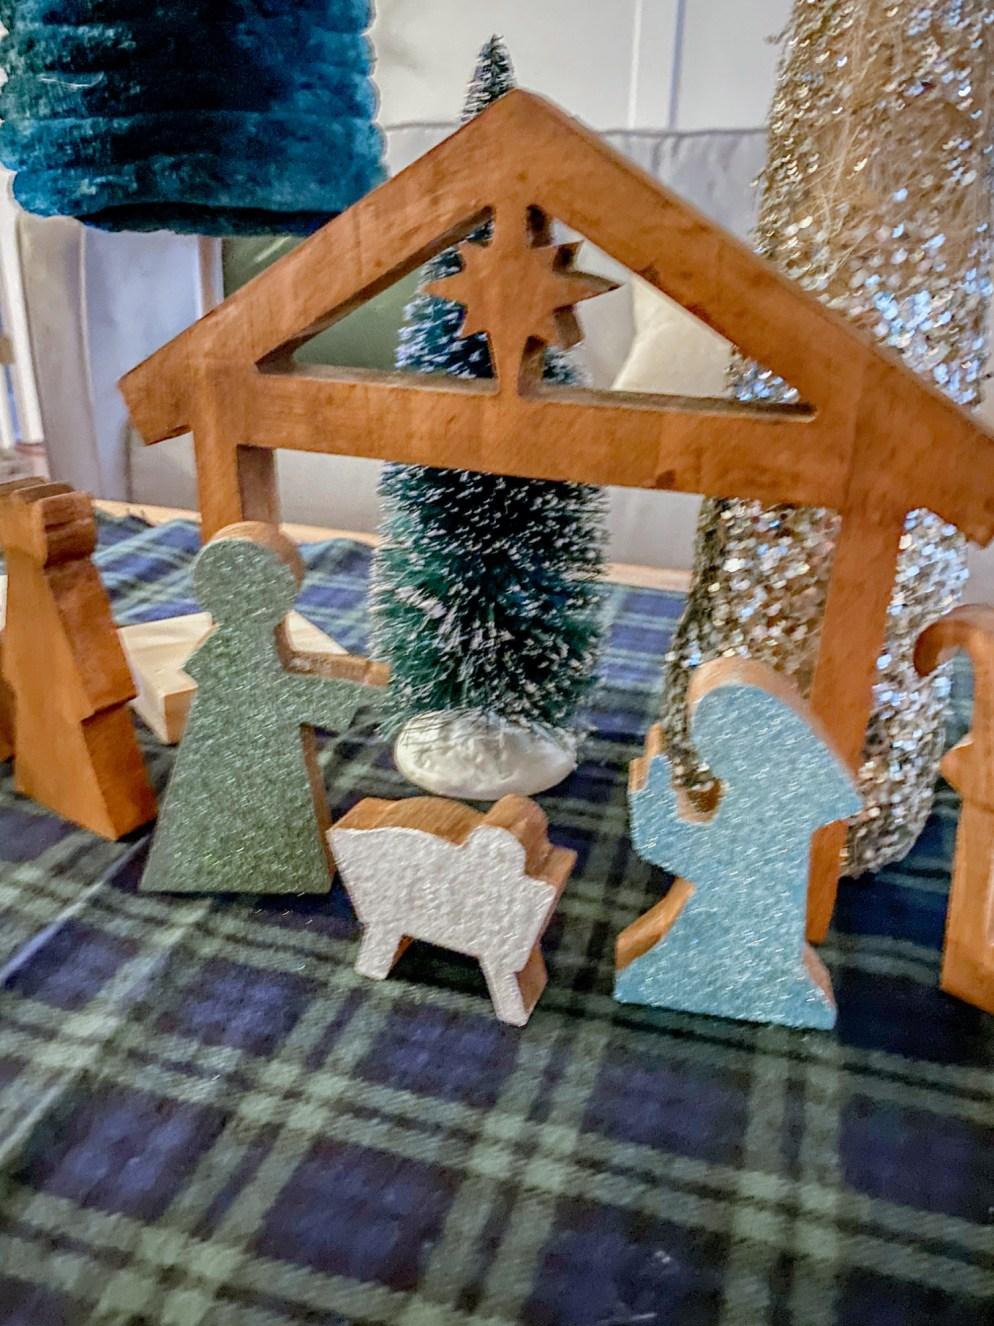 DIY Wooden Nativity scene form Hobby Lobby